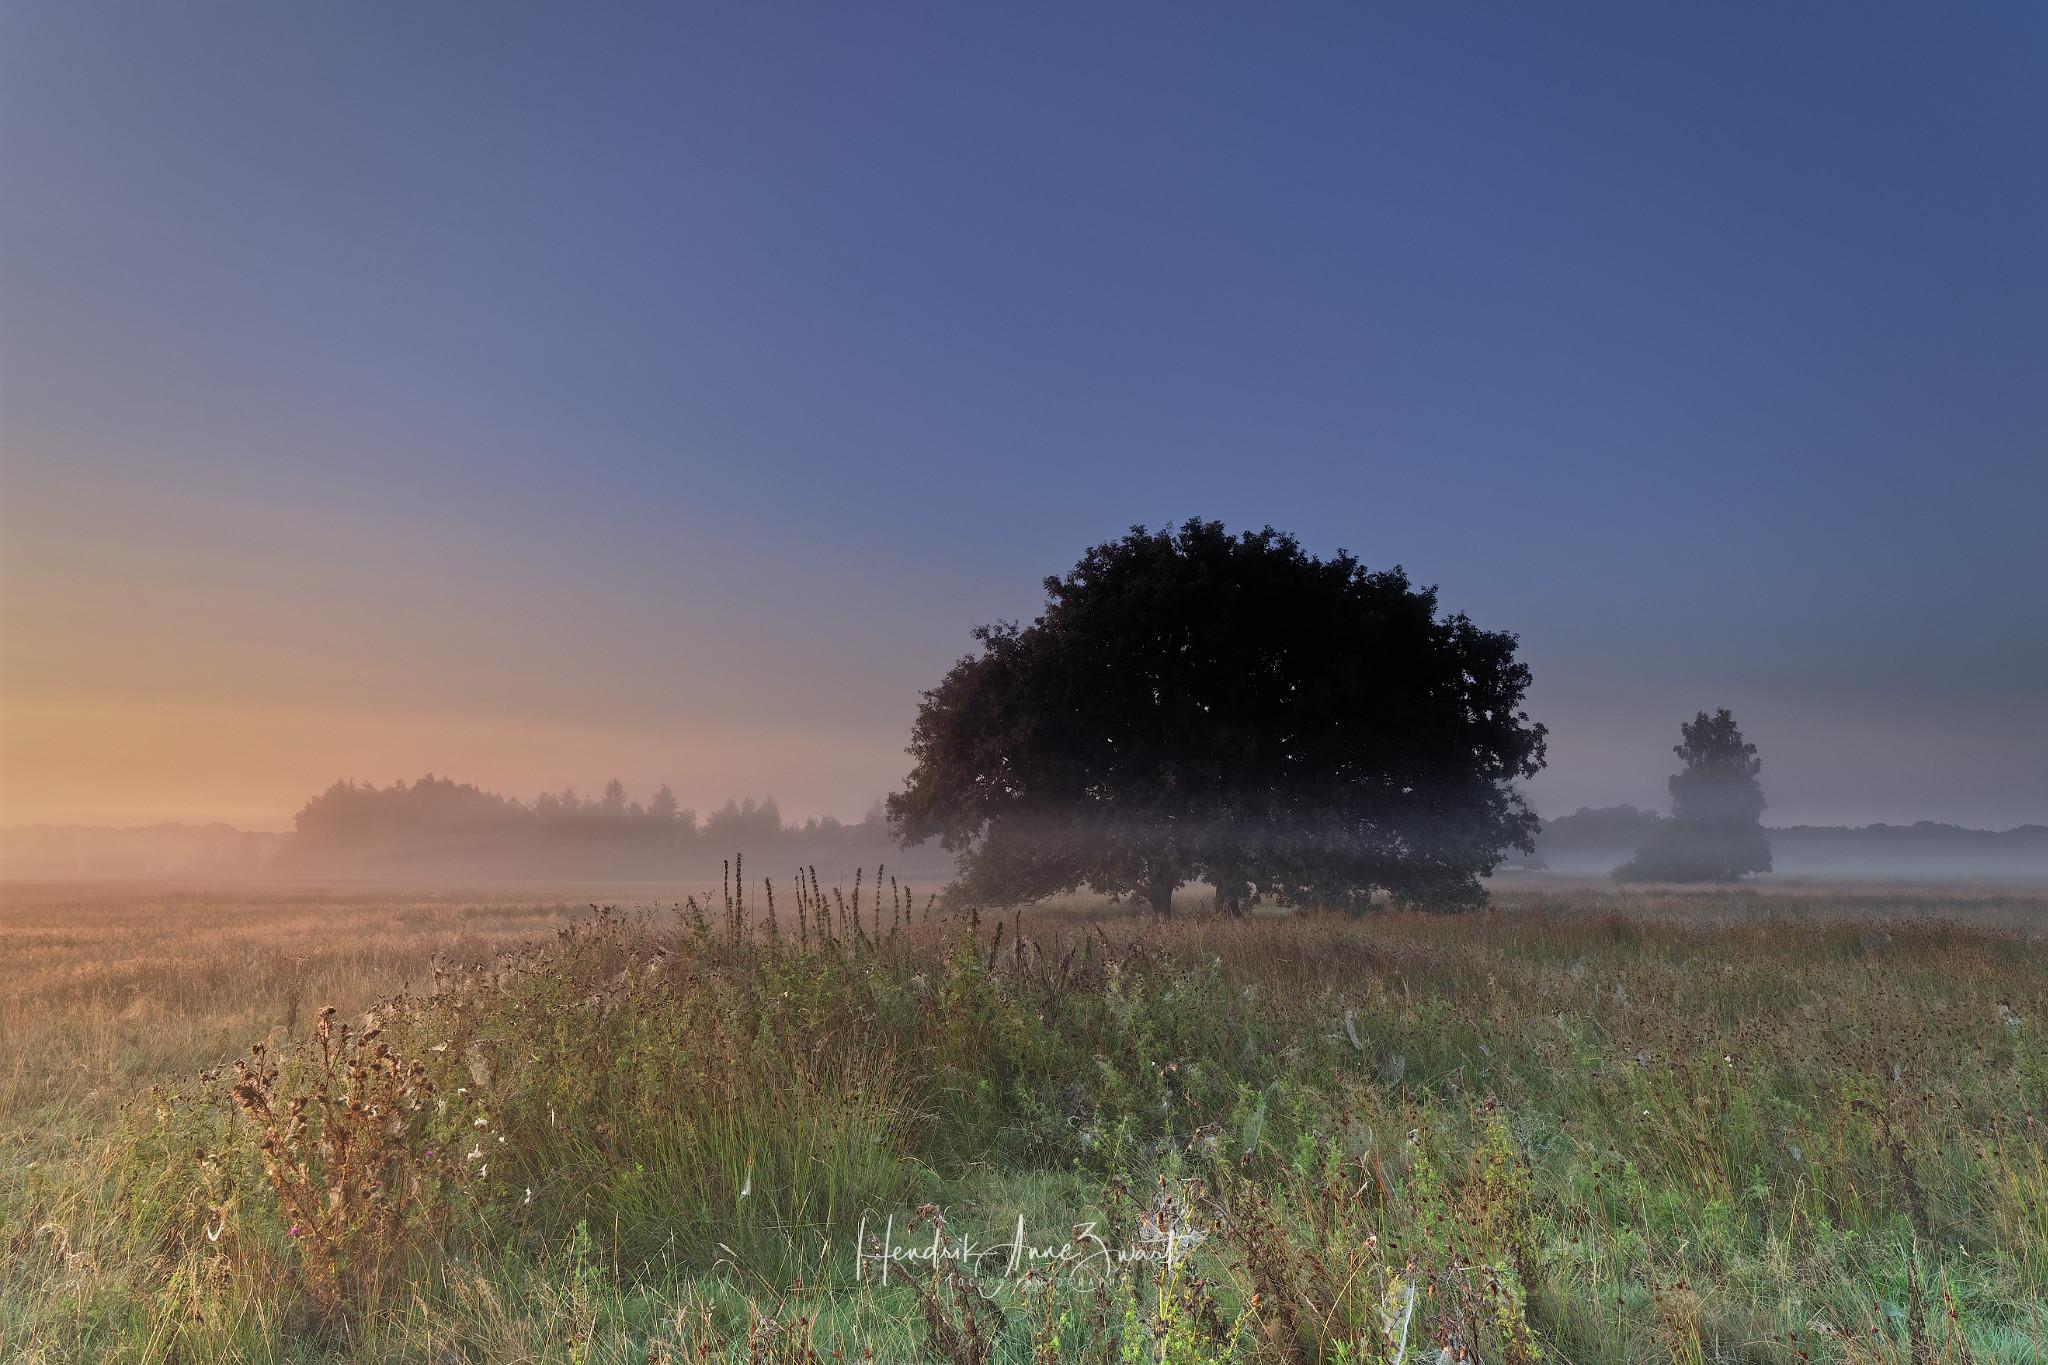 Orvelte_Heide_Netherlands_8.jpg